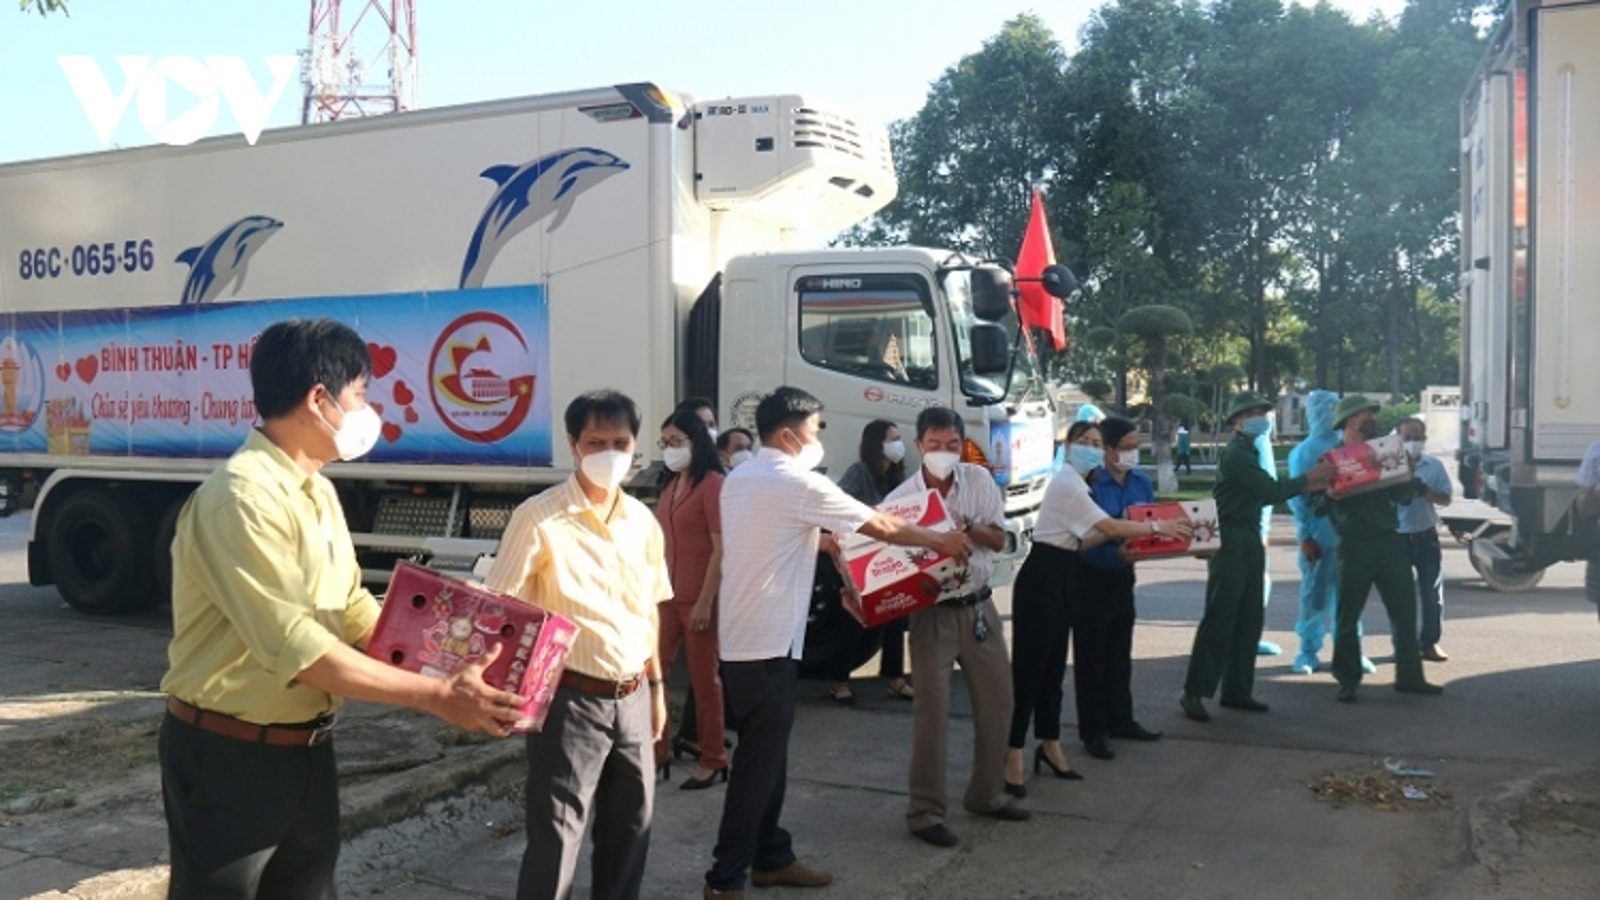 Bình Thuận, Kon Tum hỗ trợ thực phẩm cho nhân dân TP.HCM và Bình Dương